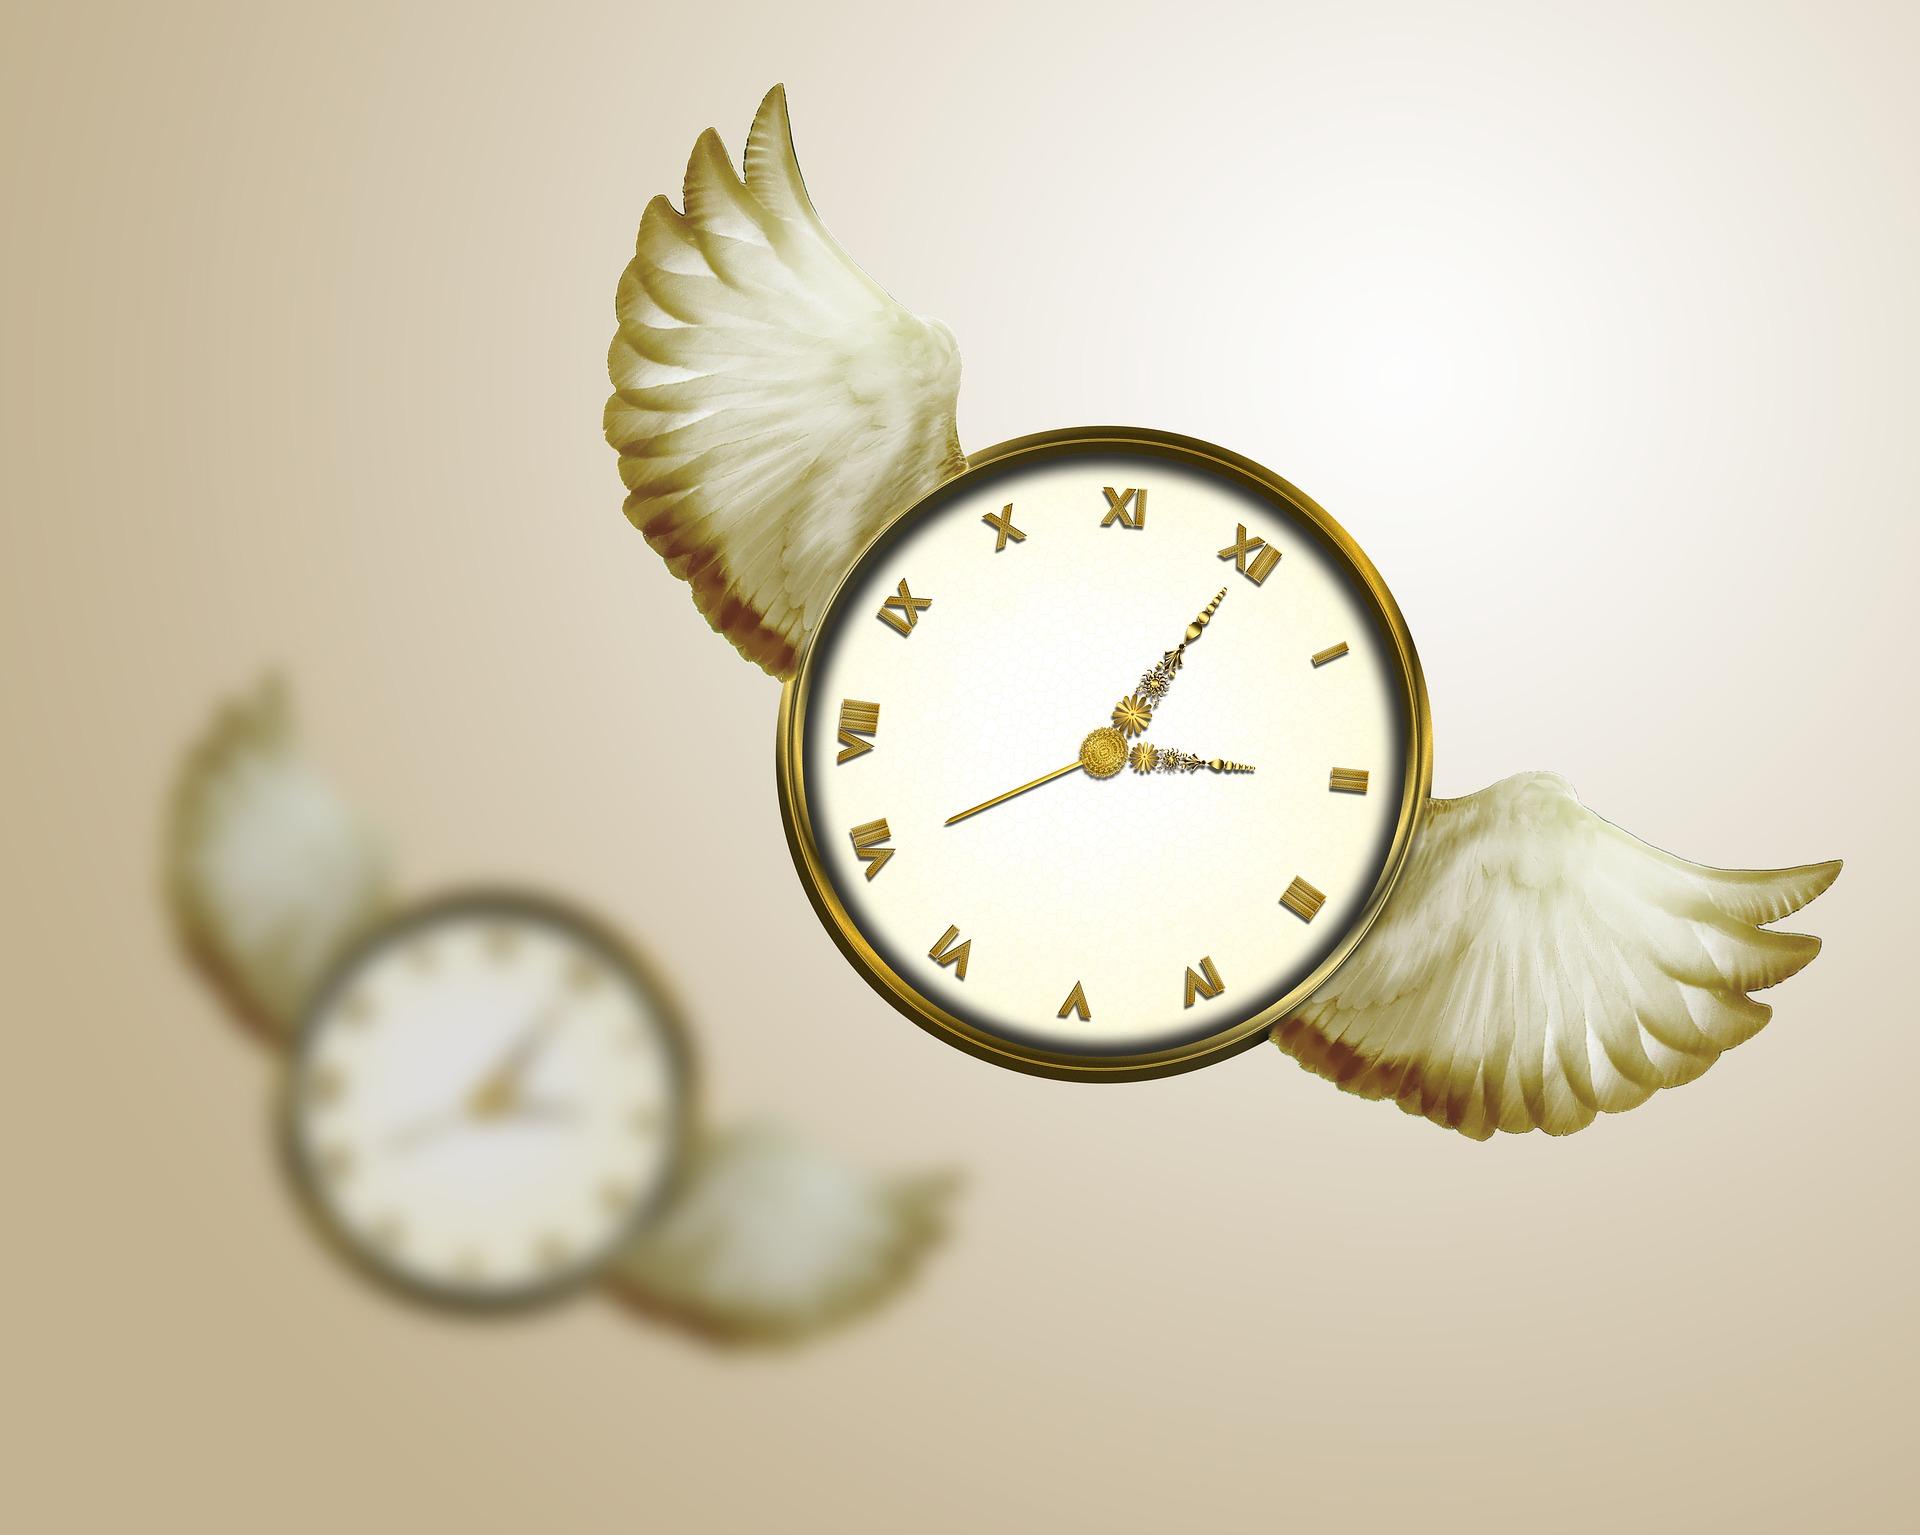 time-flies-2470848_1920.jpg